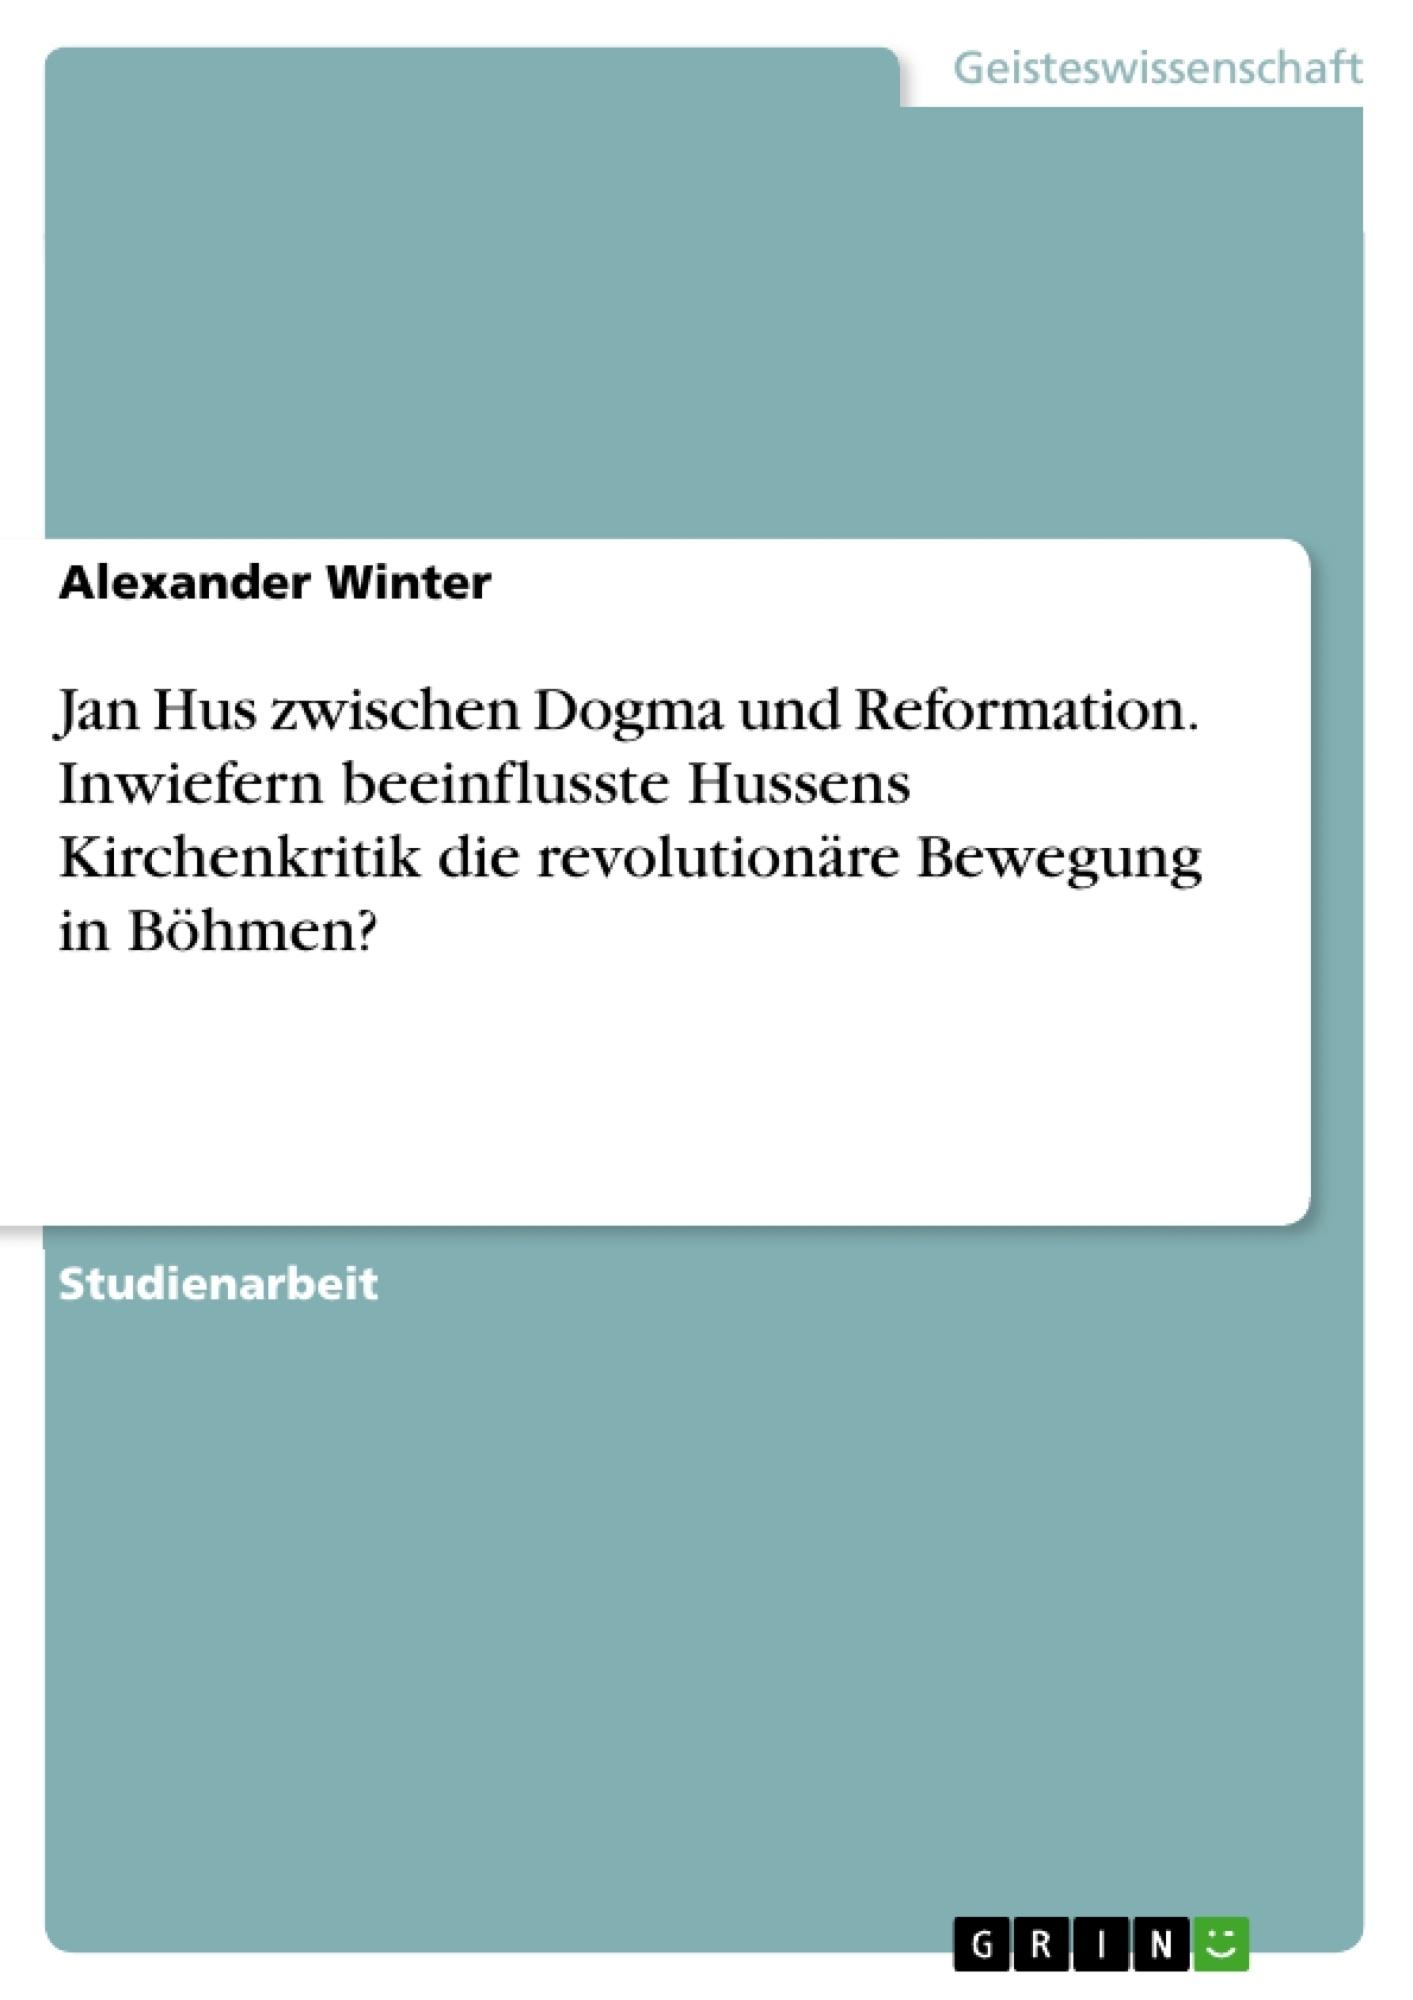 Titel: Jan Hus zwischen Dogma und Reformation. Inwiefern beeinflusste Hussens Kirchenkritik die revolutionäre Bewegung in Böhmen?